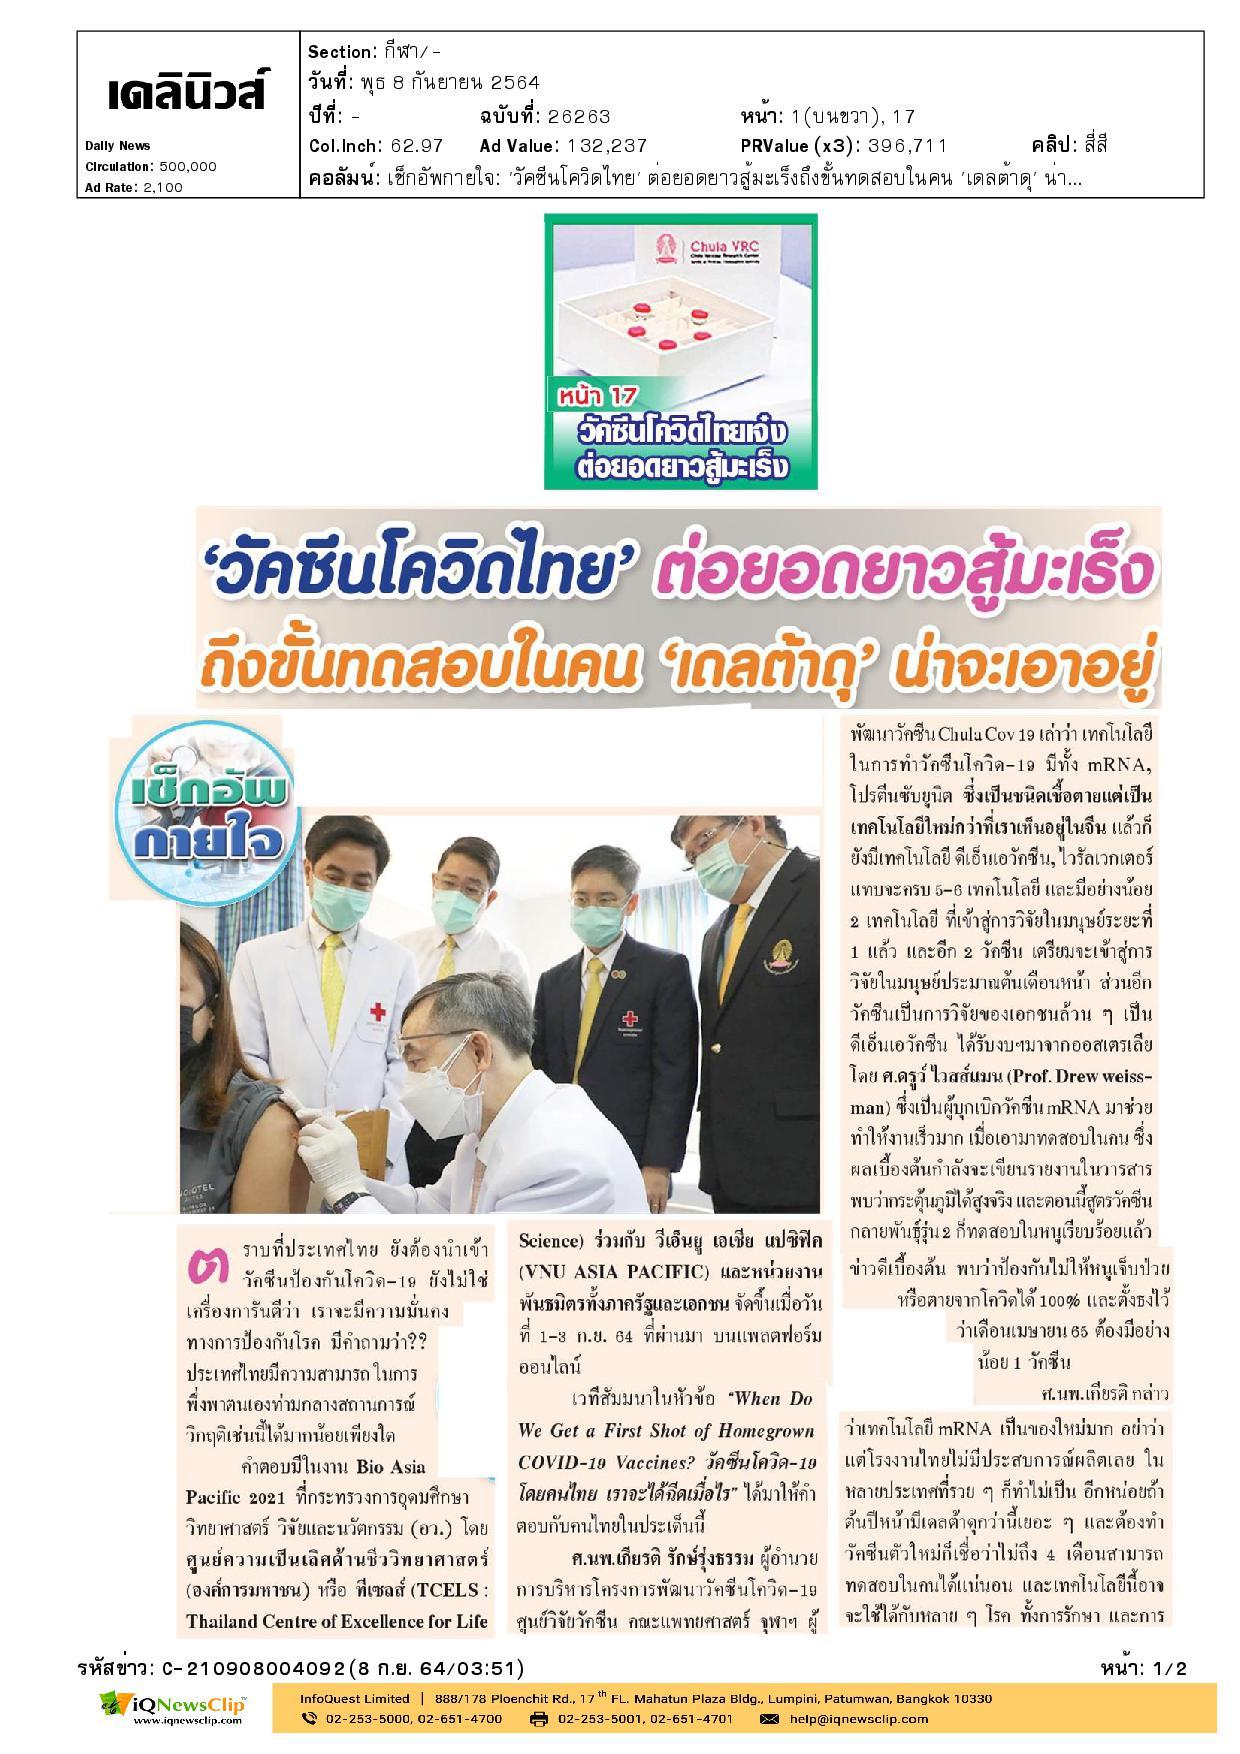 """บทความเรื่อง """"วัคซีนโควิดไทย"""" ต่อยอดยาวสู้มะเร็งถึงขั้นทดสอบในคน """"เดลต้าดุ"""" น่าจะเอาอยู่"""